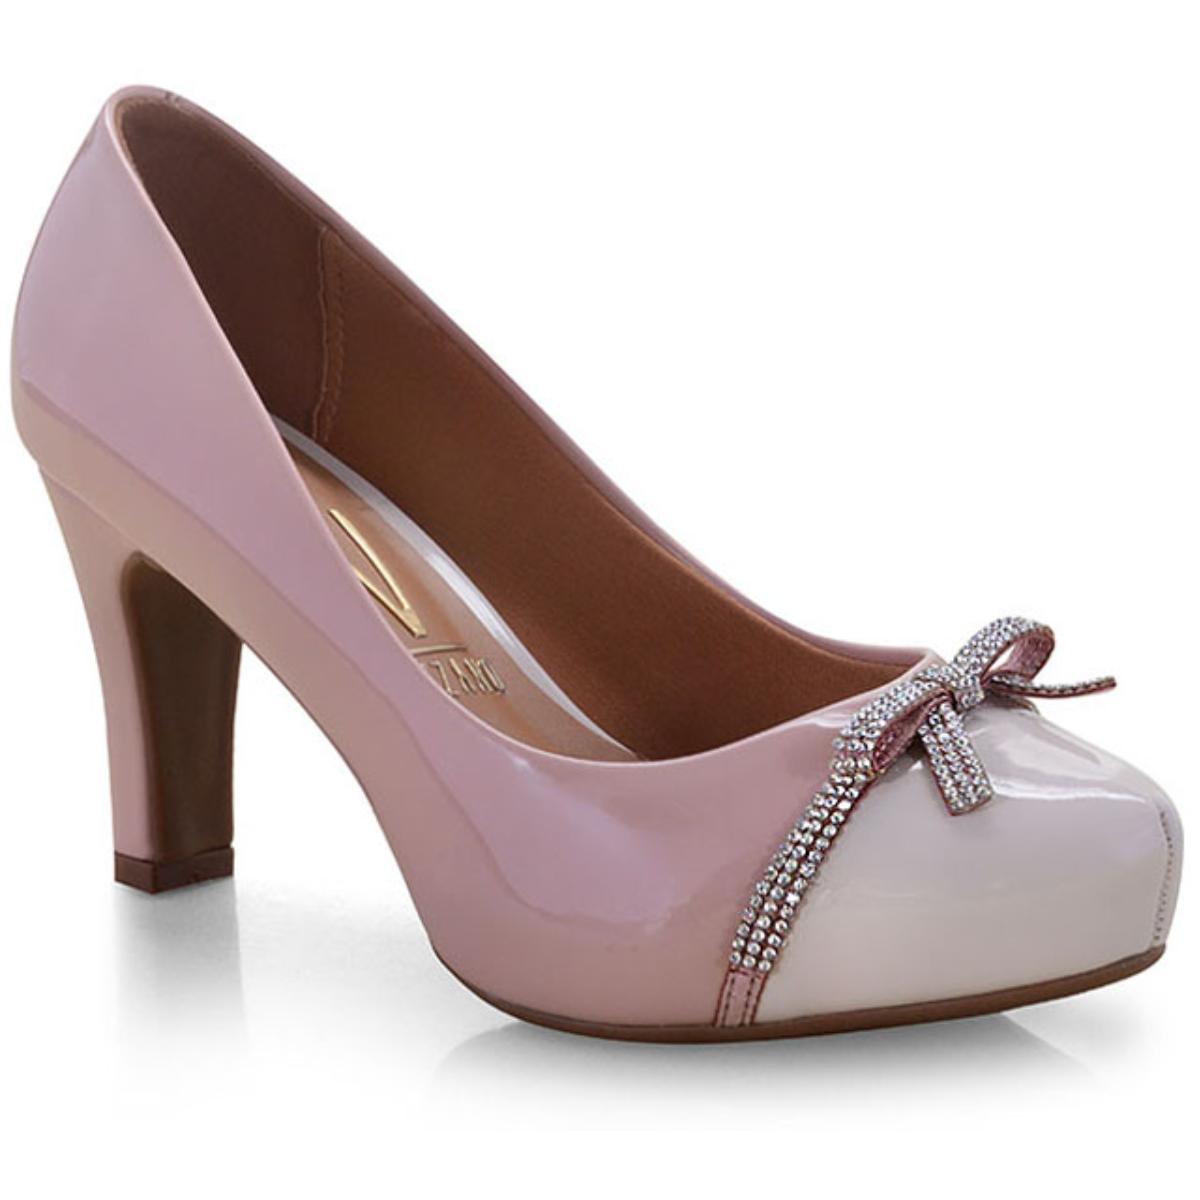 Sapato Feminino Vizzano 1840113/2 Rosa/creme